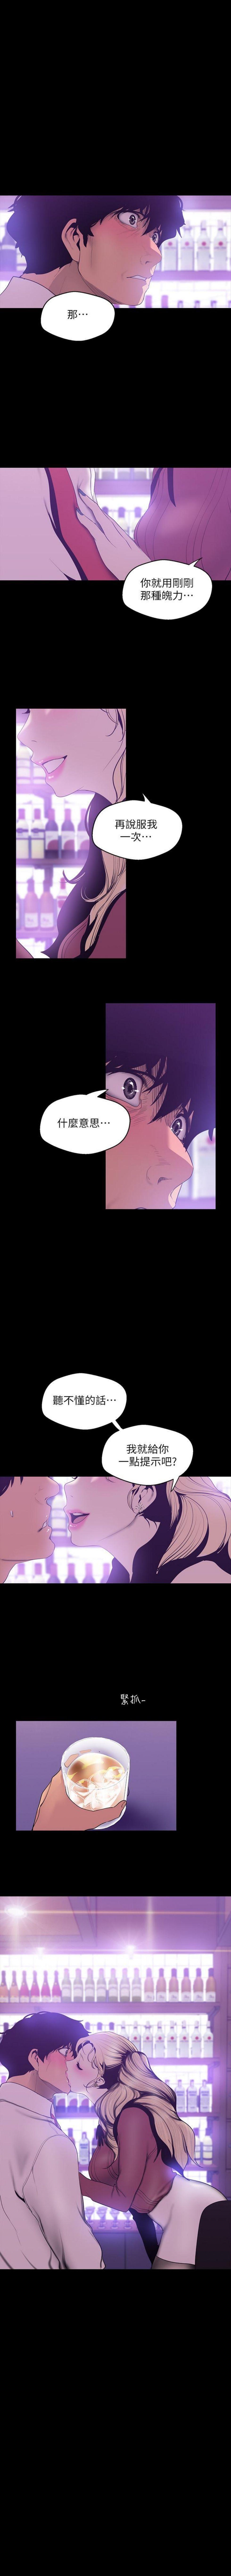 (週1)美麗新世界 1-70 中文翻譯 (更新中) 544